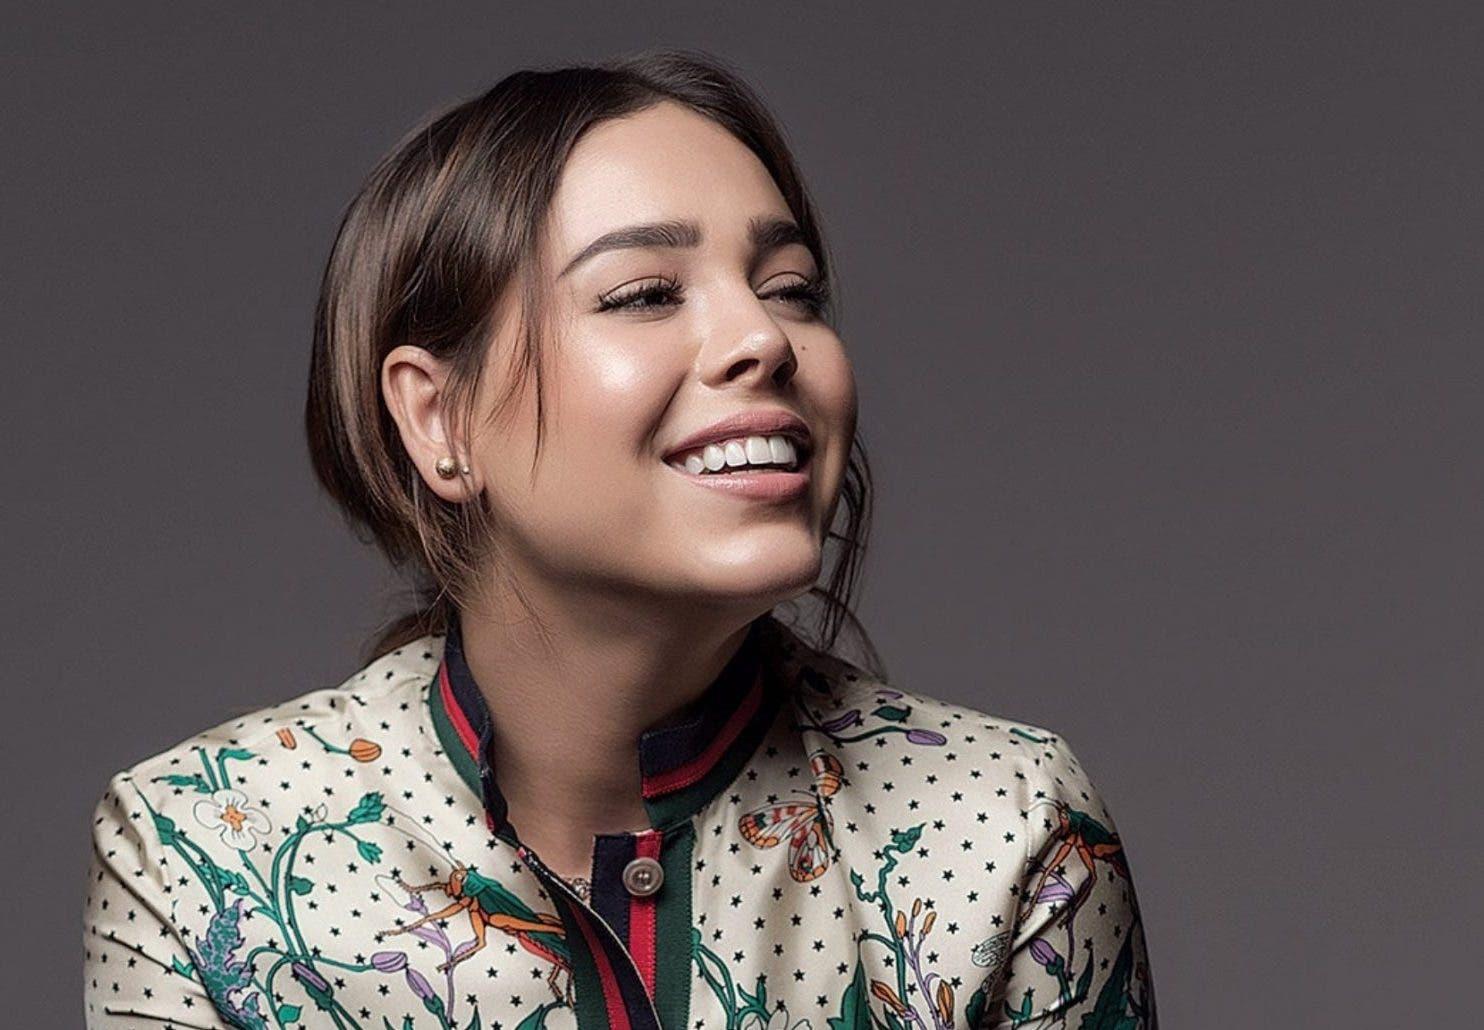 """Danna Paola publicó su álbum """"K.O."""" con una gran historia detrás"""